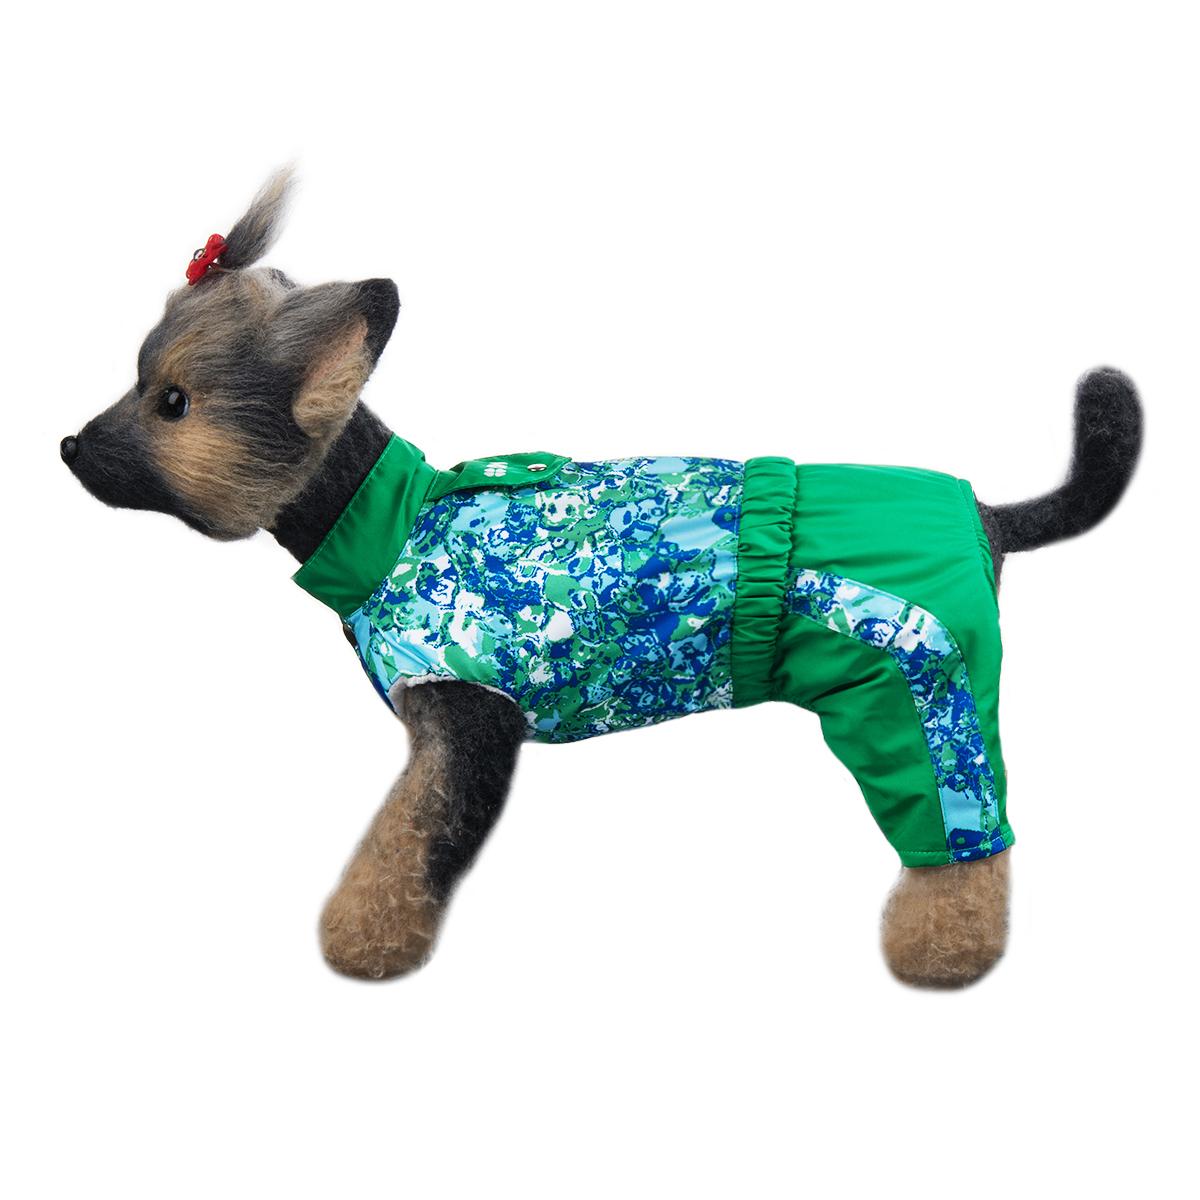 Комбинезон для собак Dogmoda Грин, унисекс, цвет: зеленый, синий, белый. Размер 2 (M) комбинезон для собак dogmoda грин унисекс цвет зеленый синий белый размер 4 xl